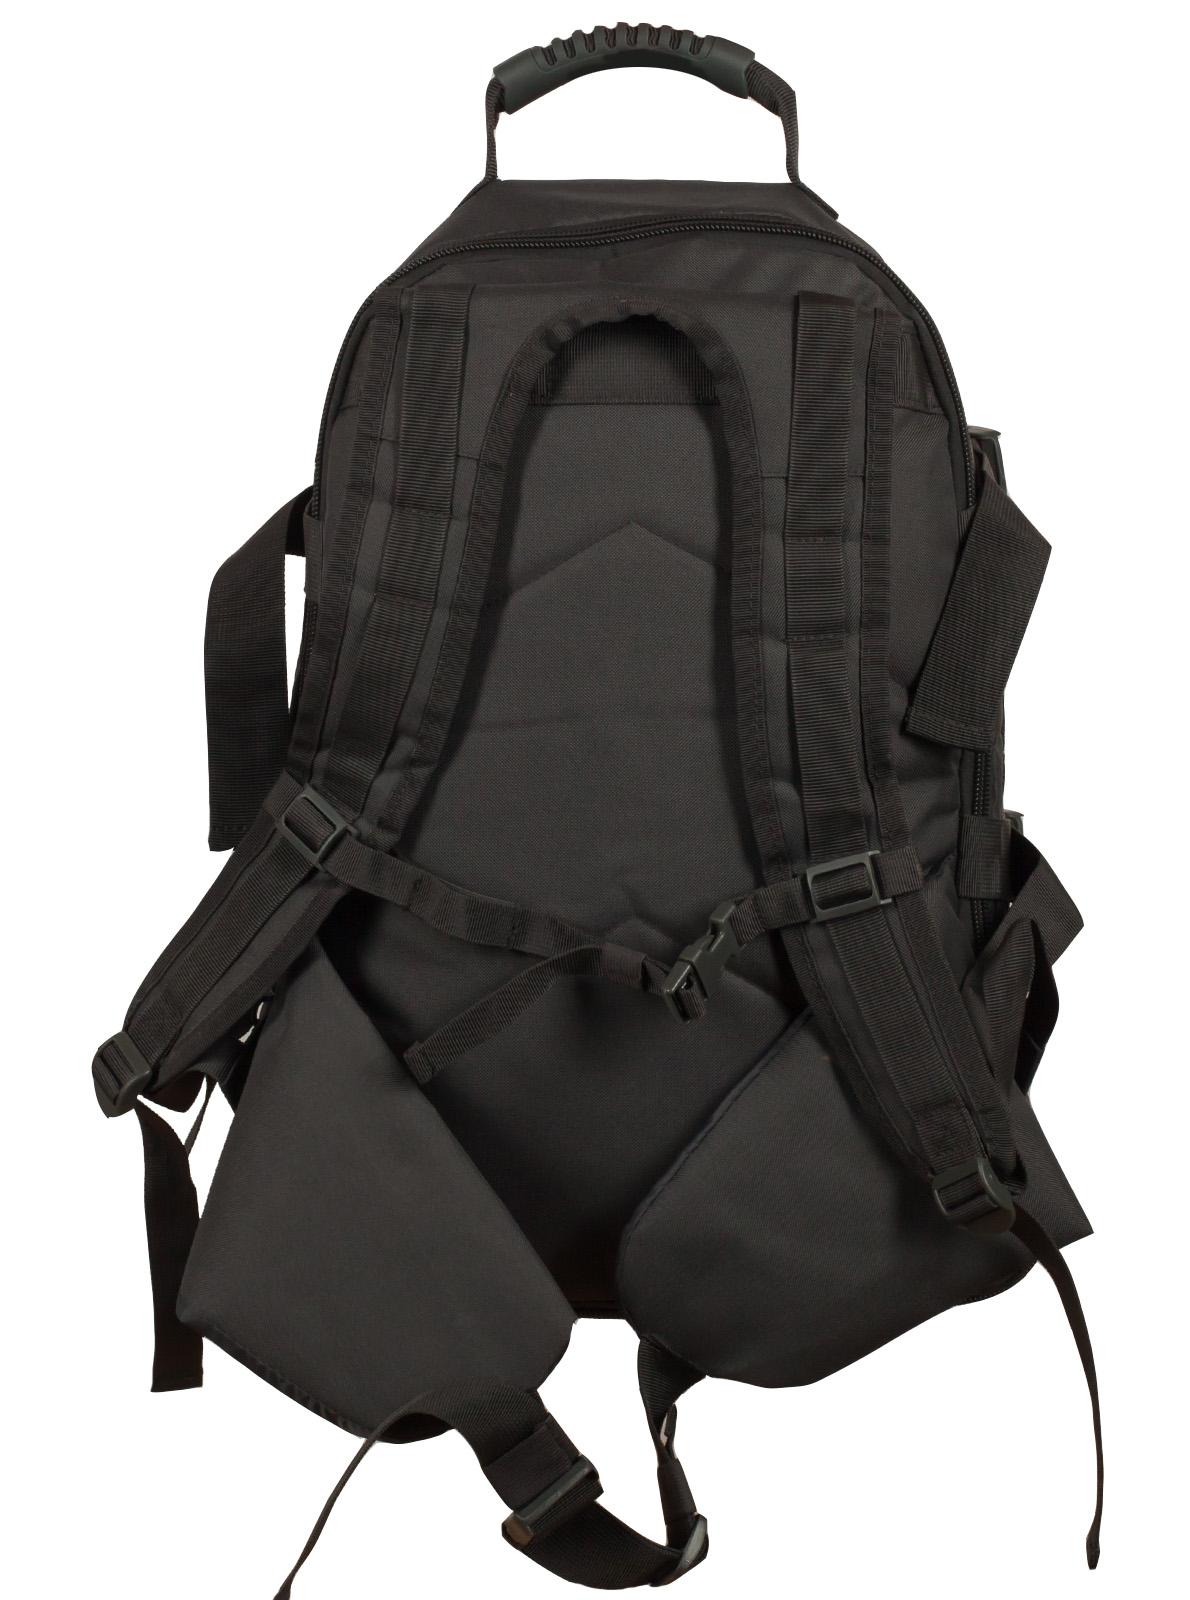 Военный универсальный рюкзак с нашивкой ДПС - заказать в подарок